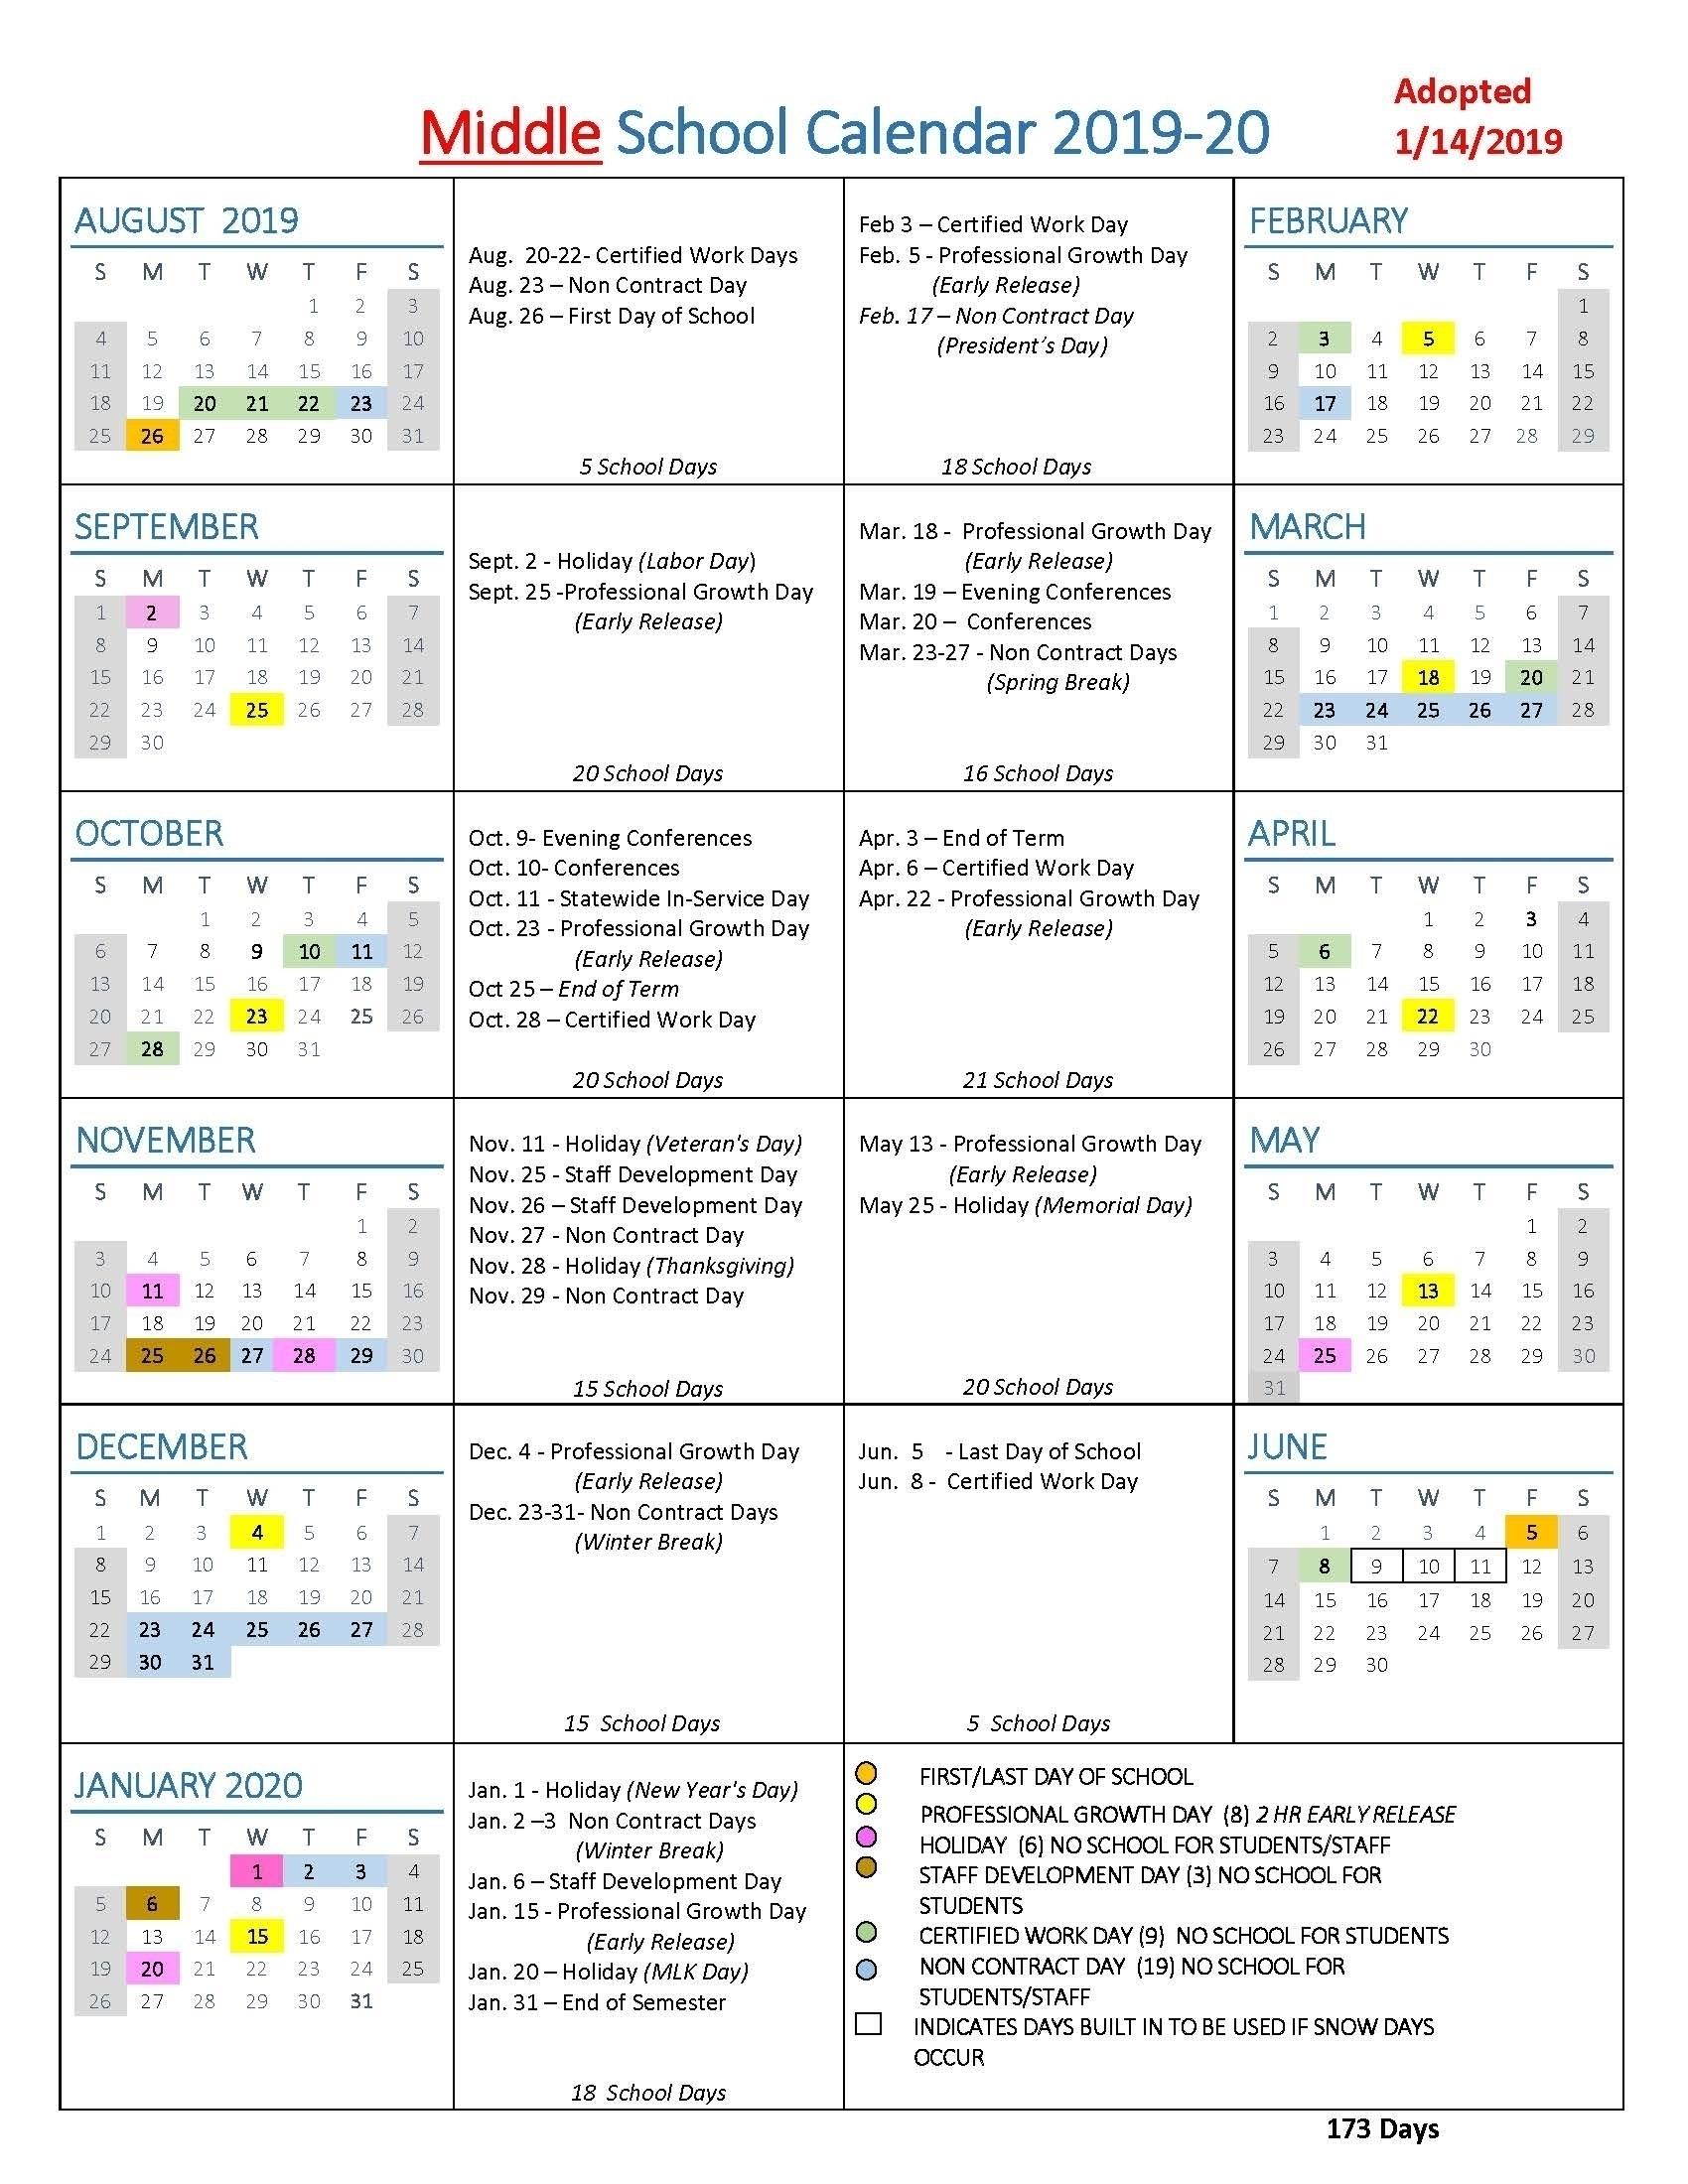 Special Days In 2020 Calendar - Calendar Inspiration Design pertaining to Calendar With All Special Days 2020